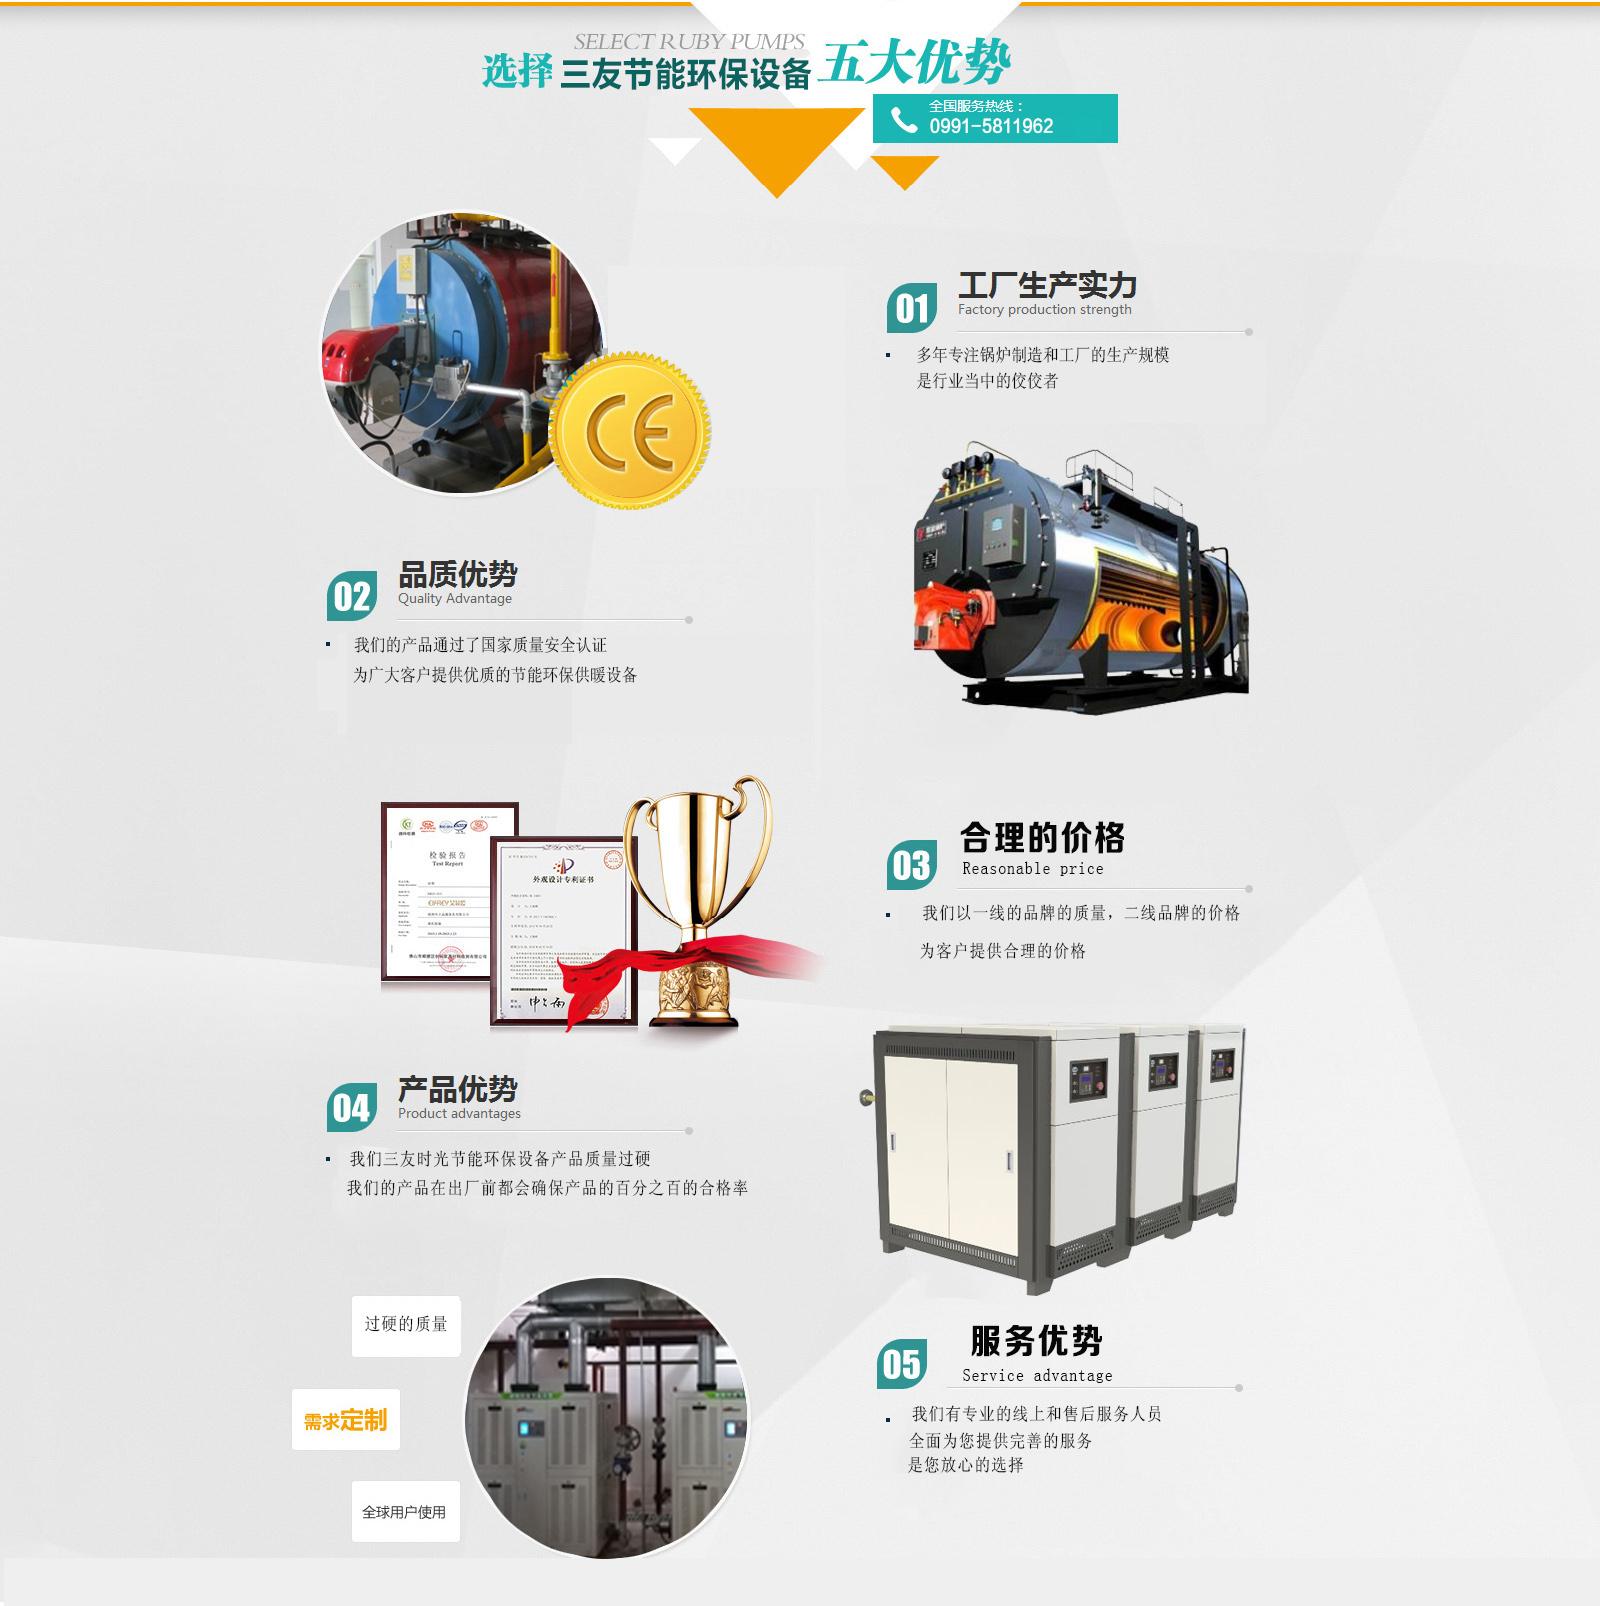 新疆三友时光电锅炉环保设备5大优势